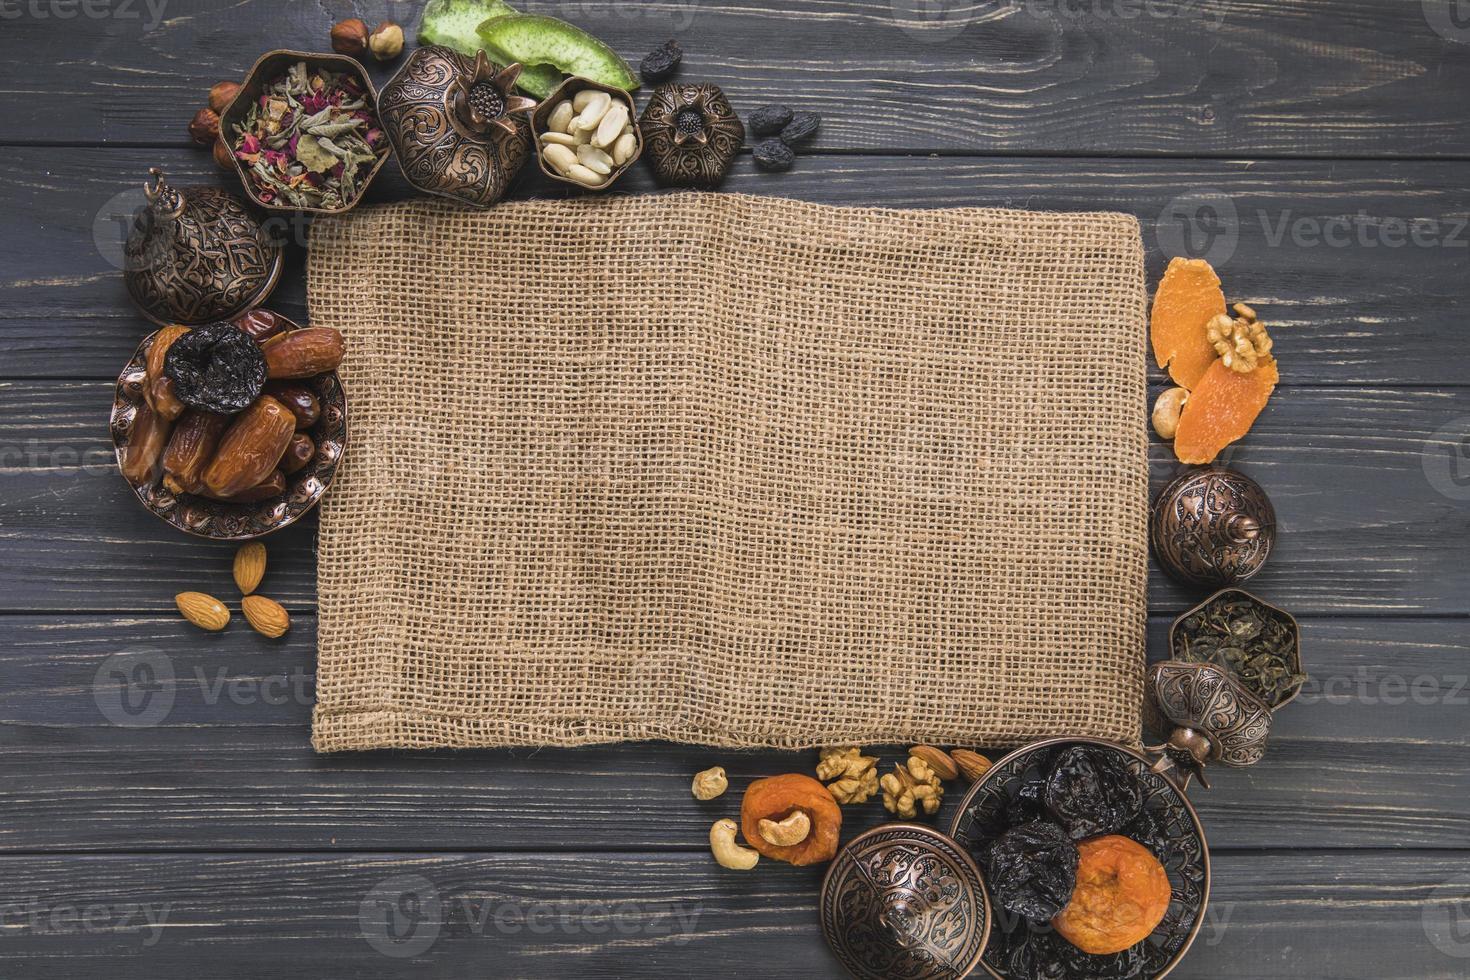 frutta secca diversa con noci confina con tela su fondo in legno foto